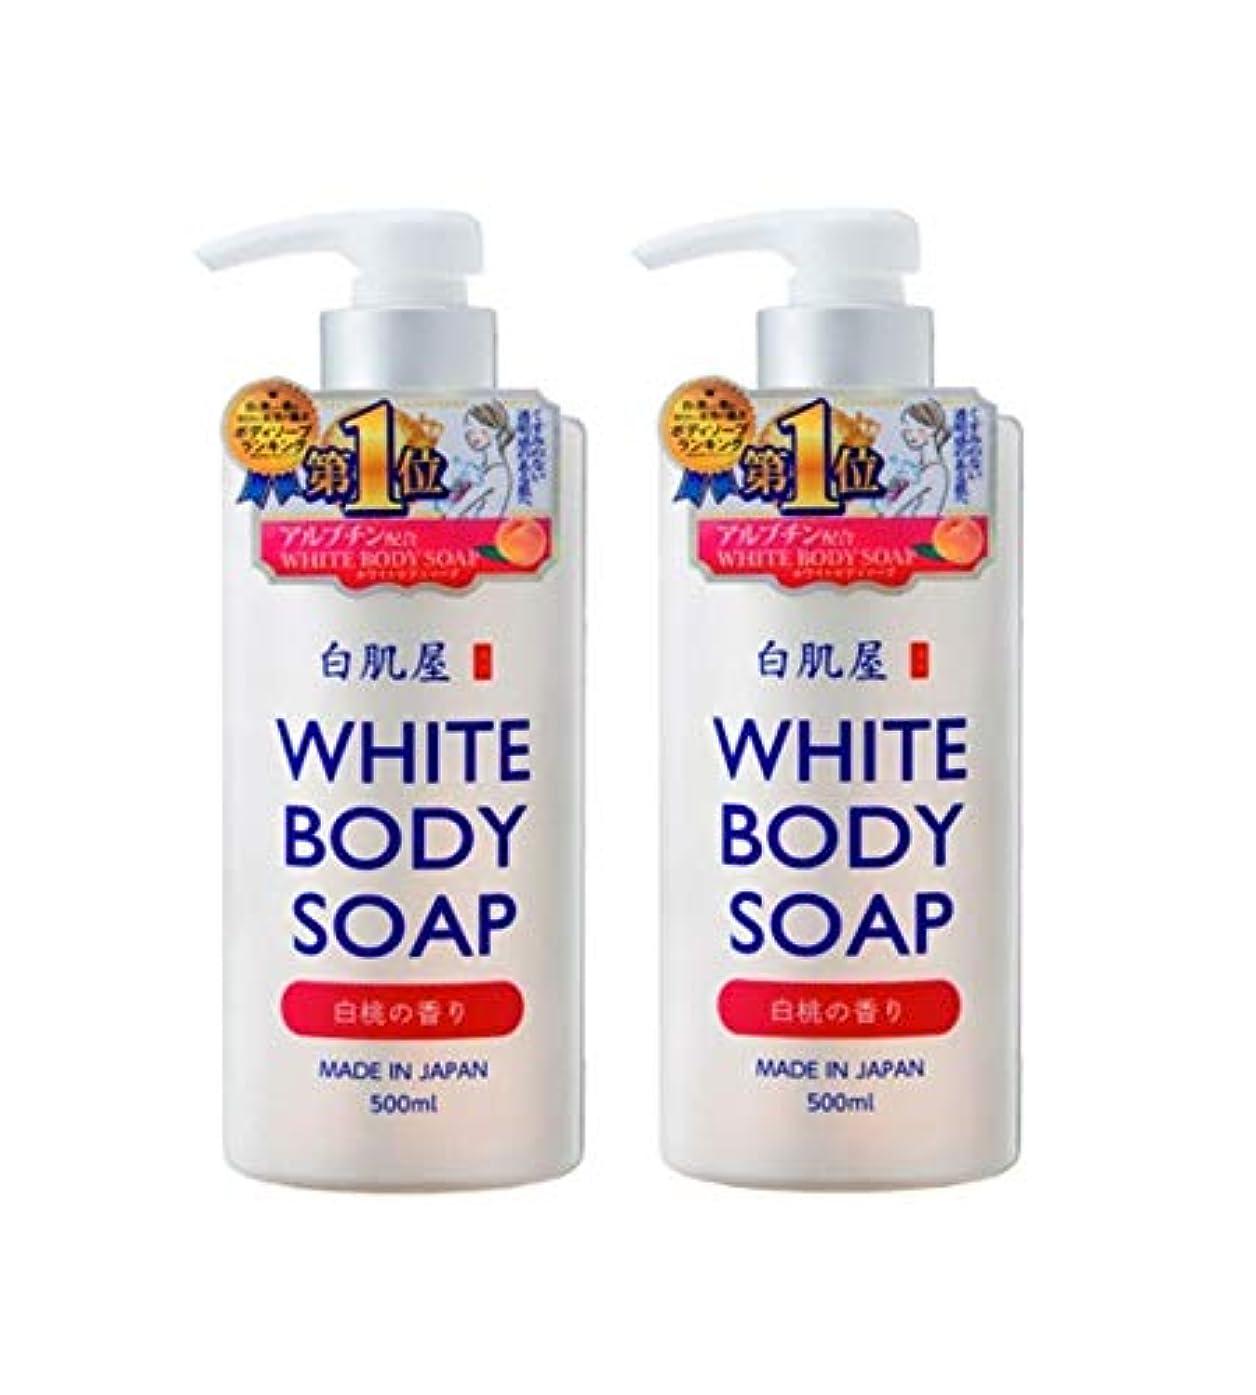 推進、動かすパノラマ増加するアイスタイル リシャン 白肌屋 ホワイトボディソープ 白桃の香り 500ml×2本セット